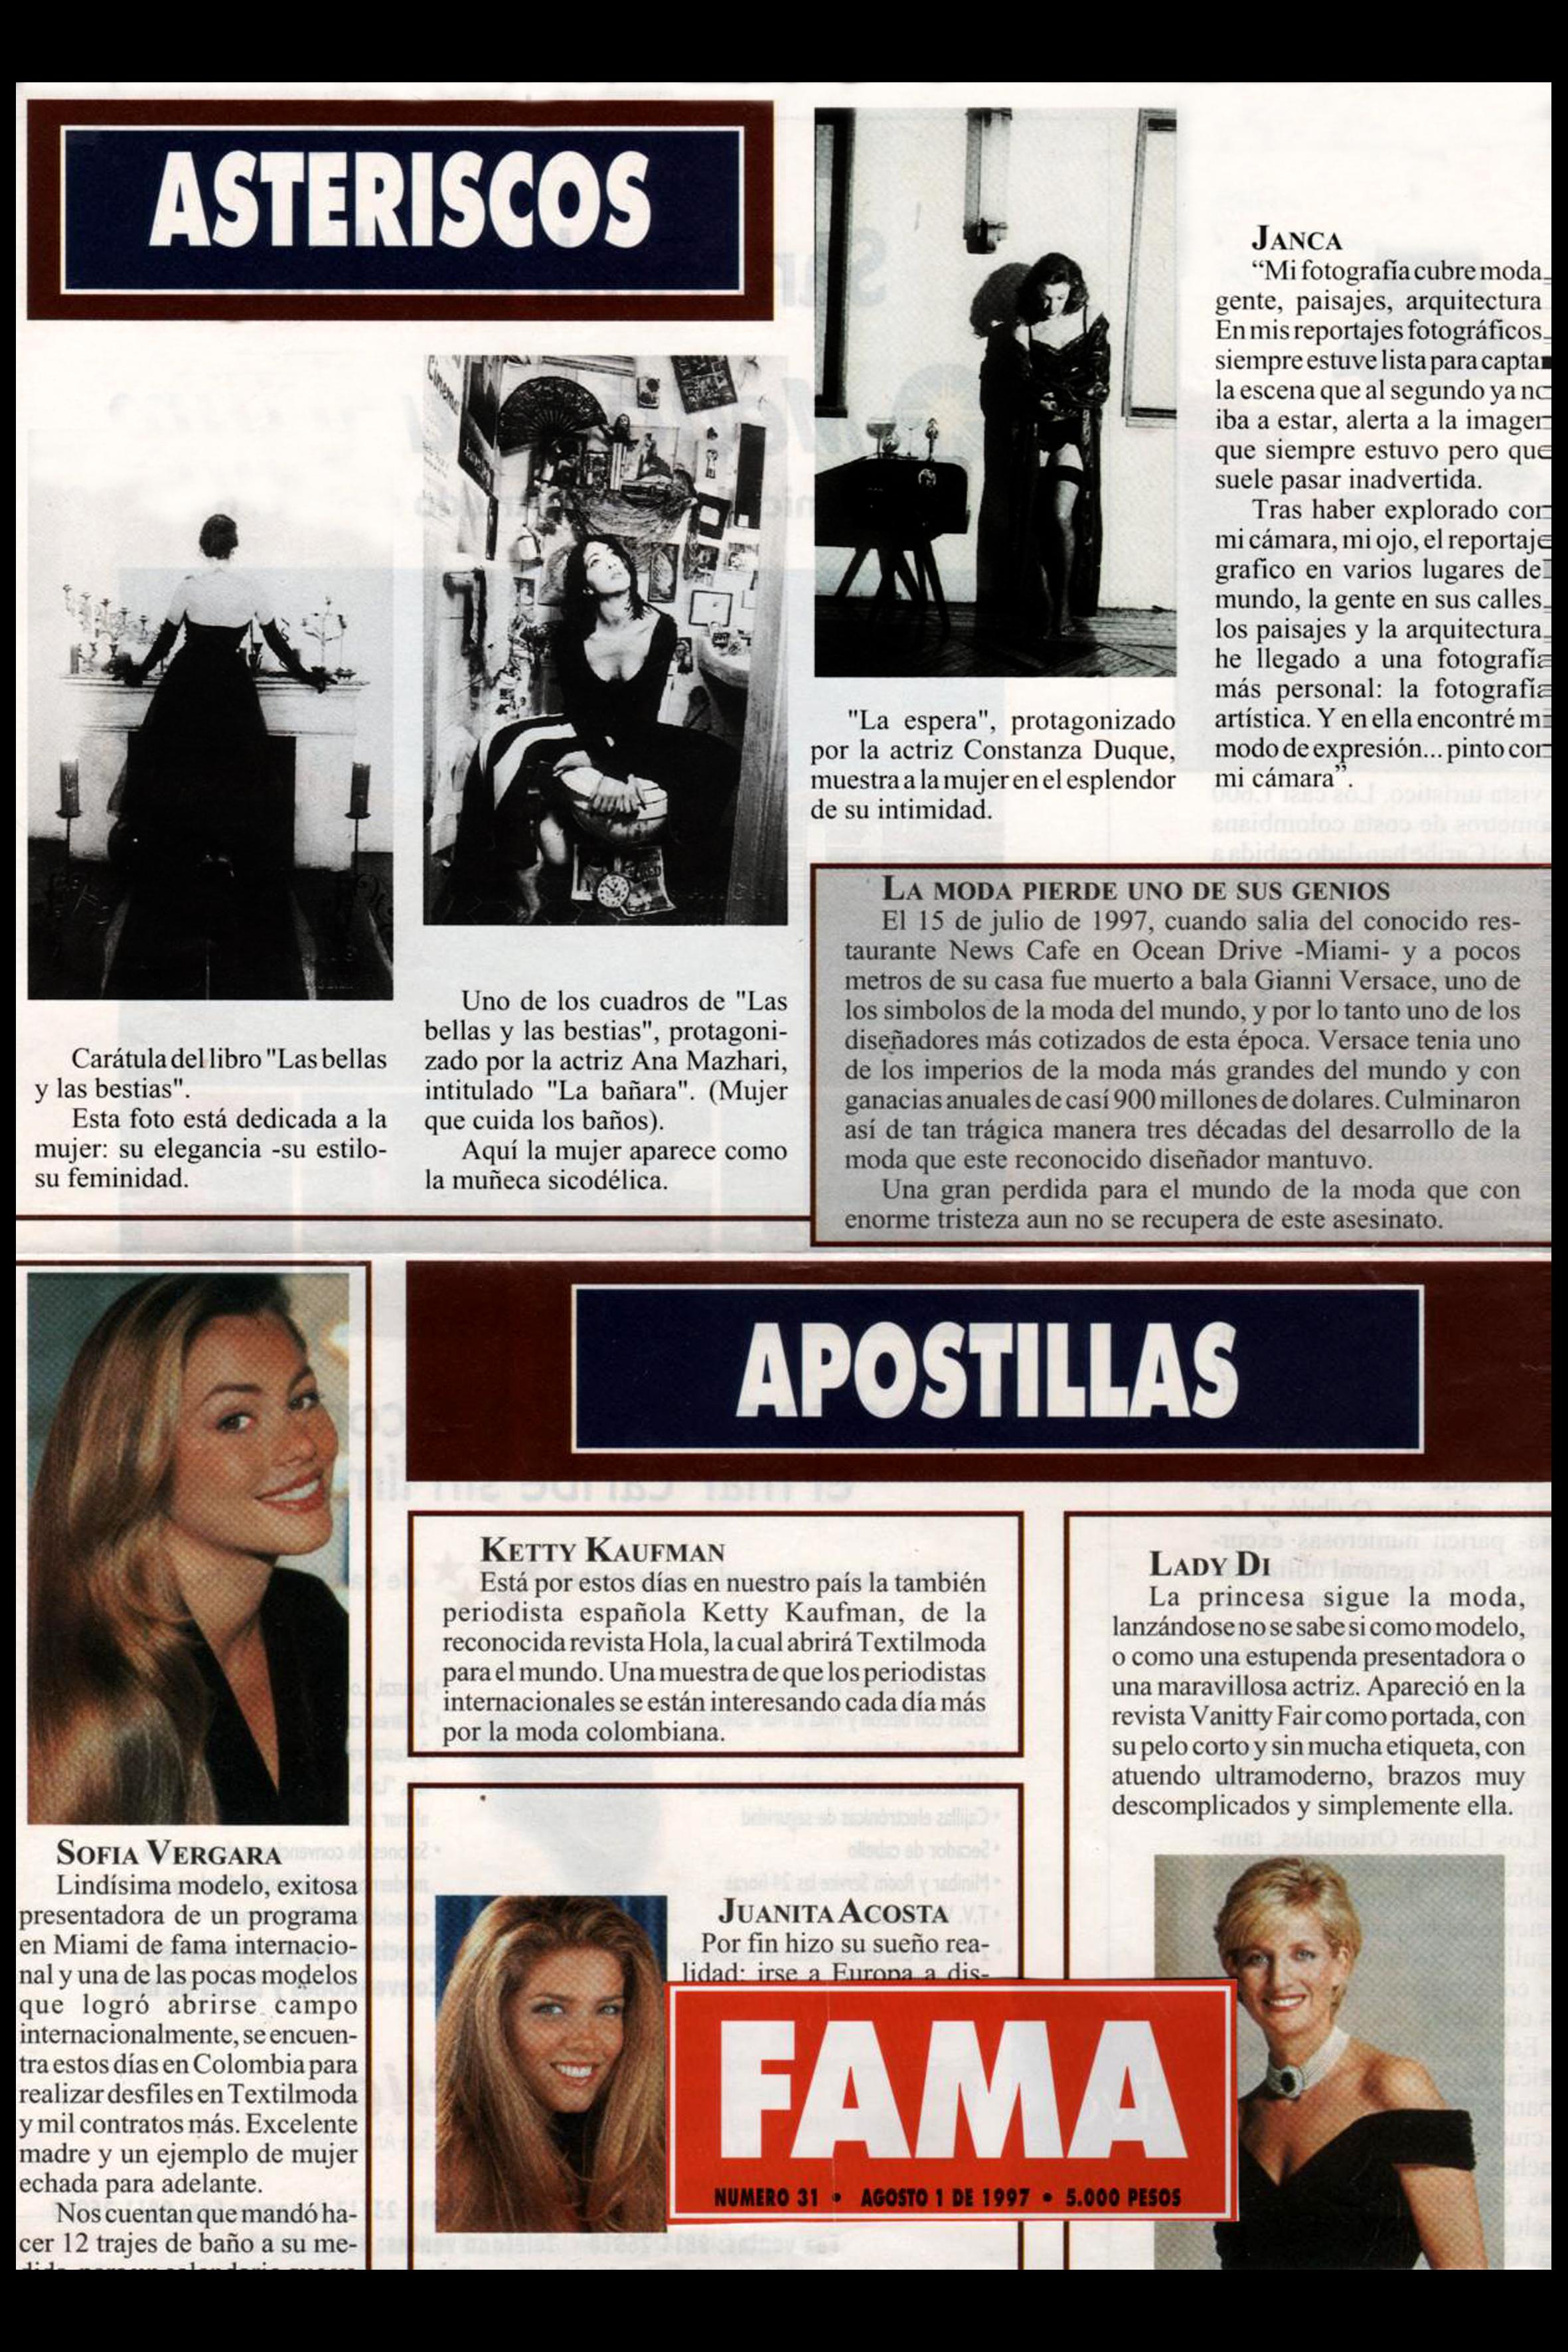 1997 - BGTA -  FAMA.jpg